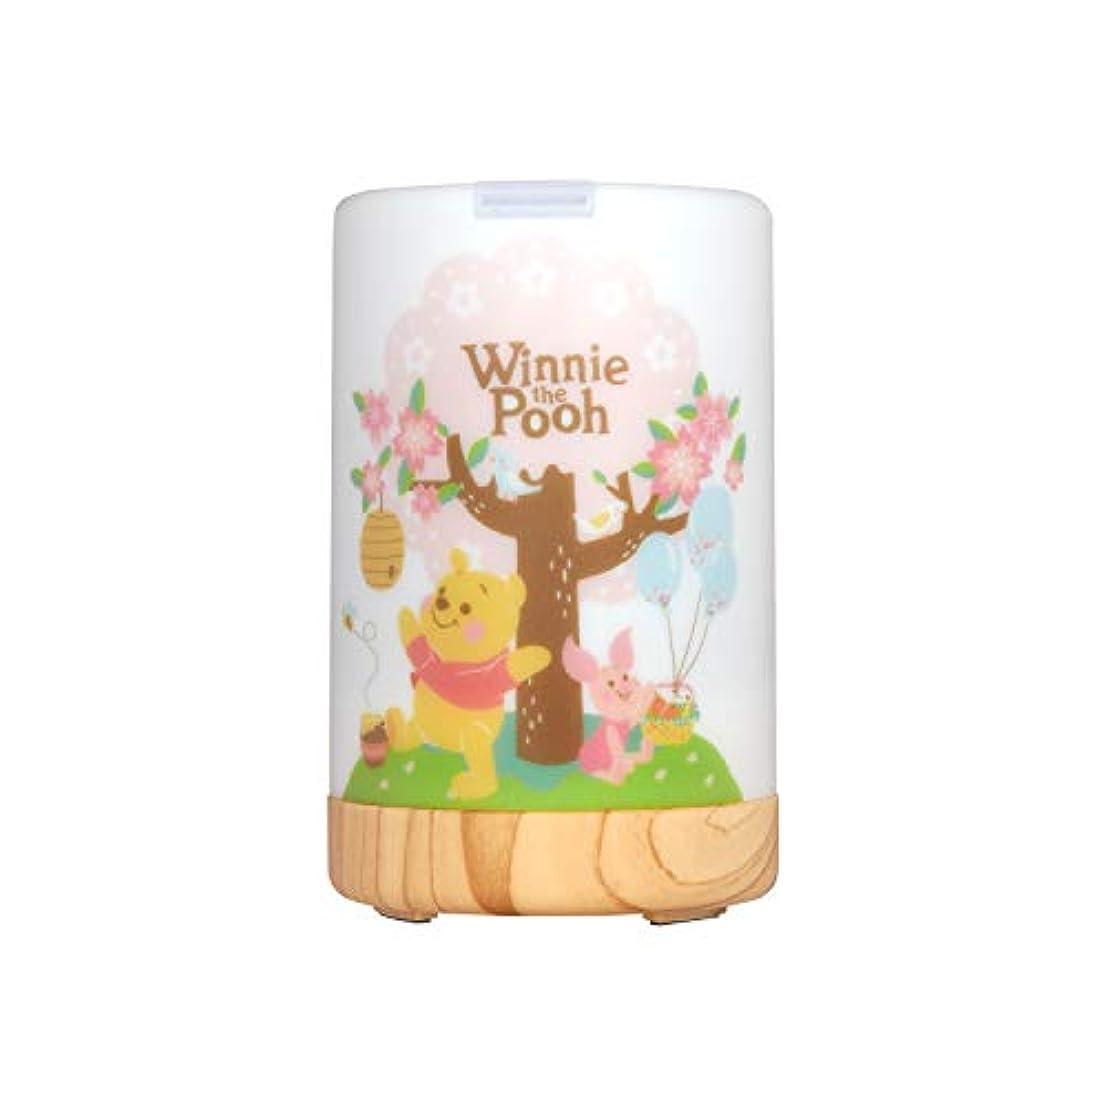 鋭く正しい下InfoThink アロマディフューザー Disney Winnie the Pooh 間接照明 くまのプーさん [並行輸入品]